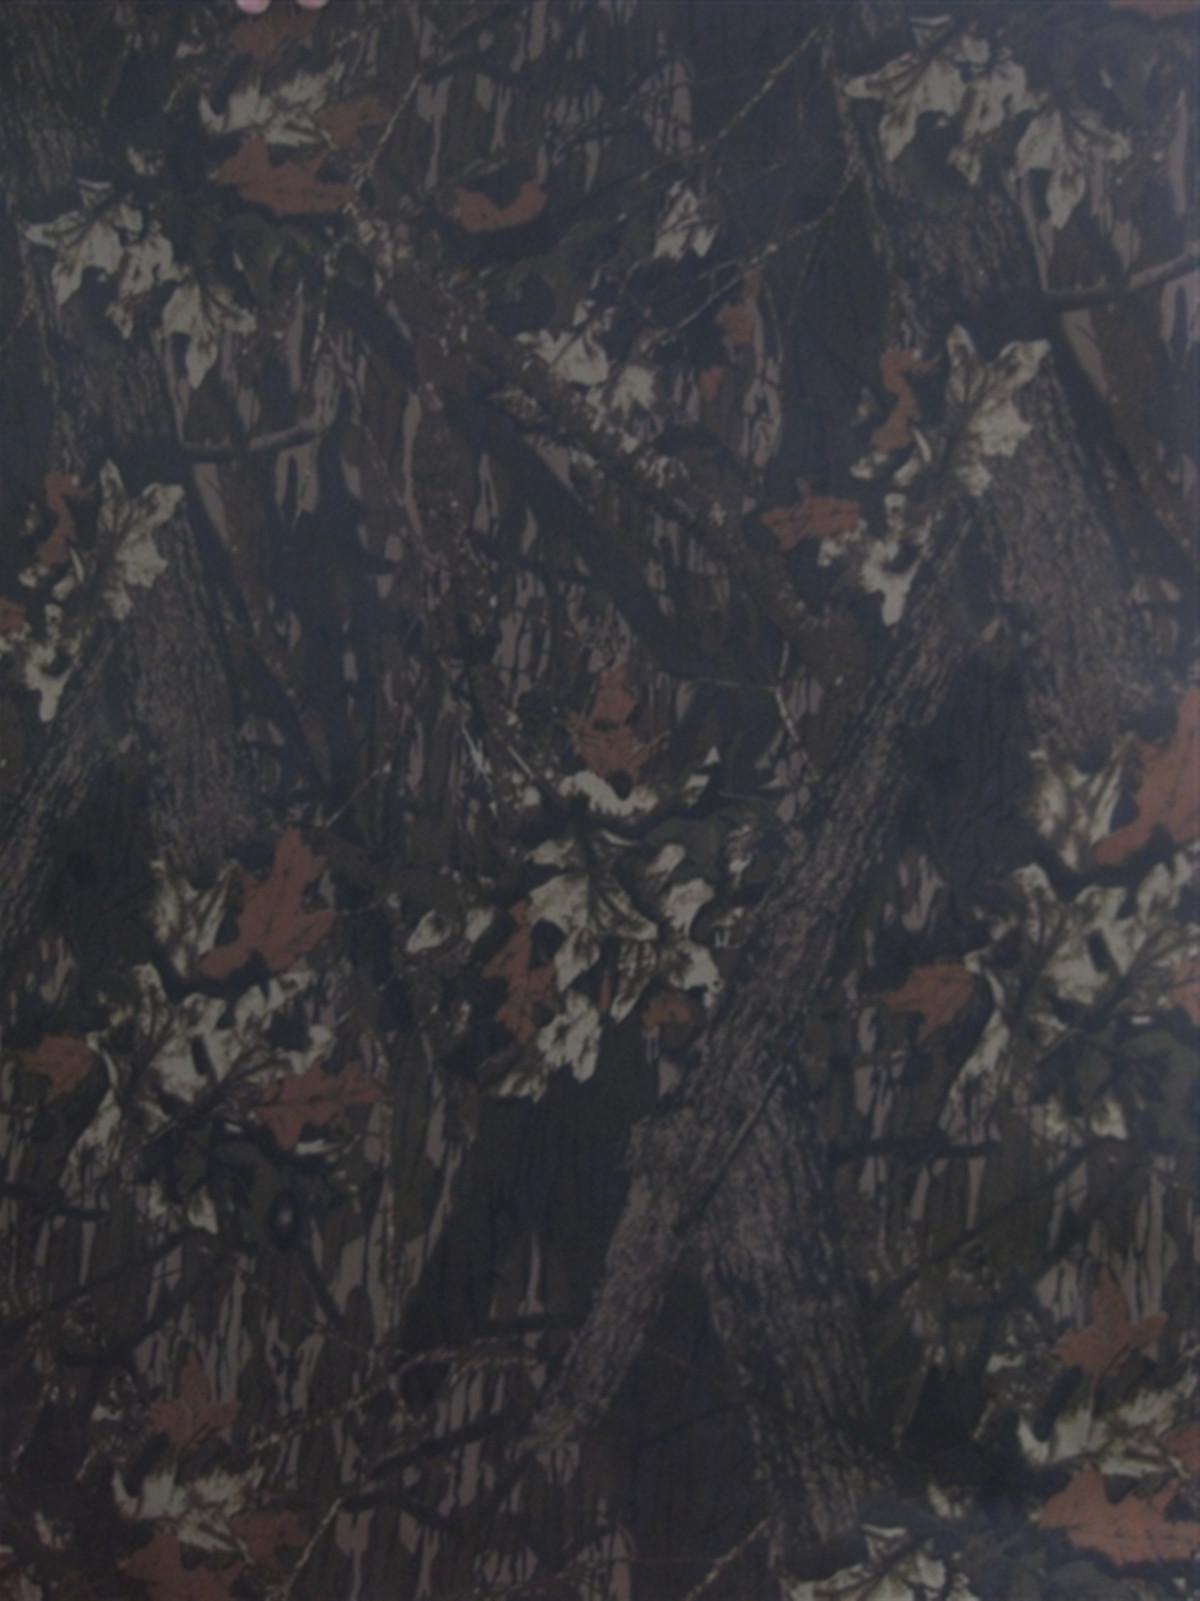 600D大树叶 大森林树叶花 牛津布涂层pvc图片四